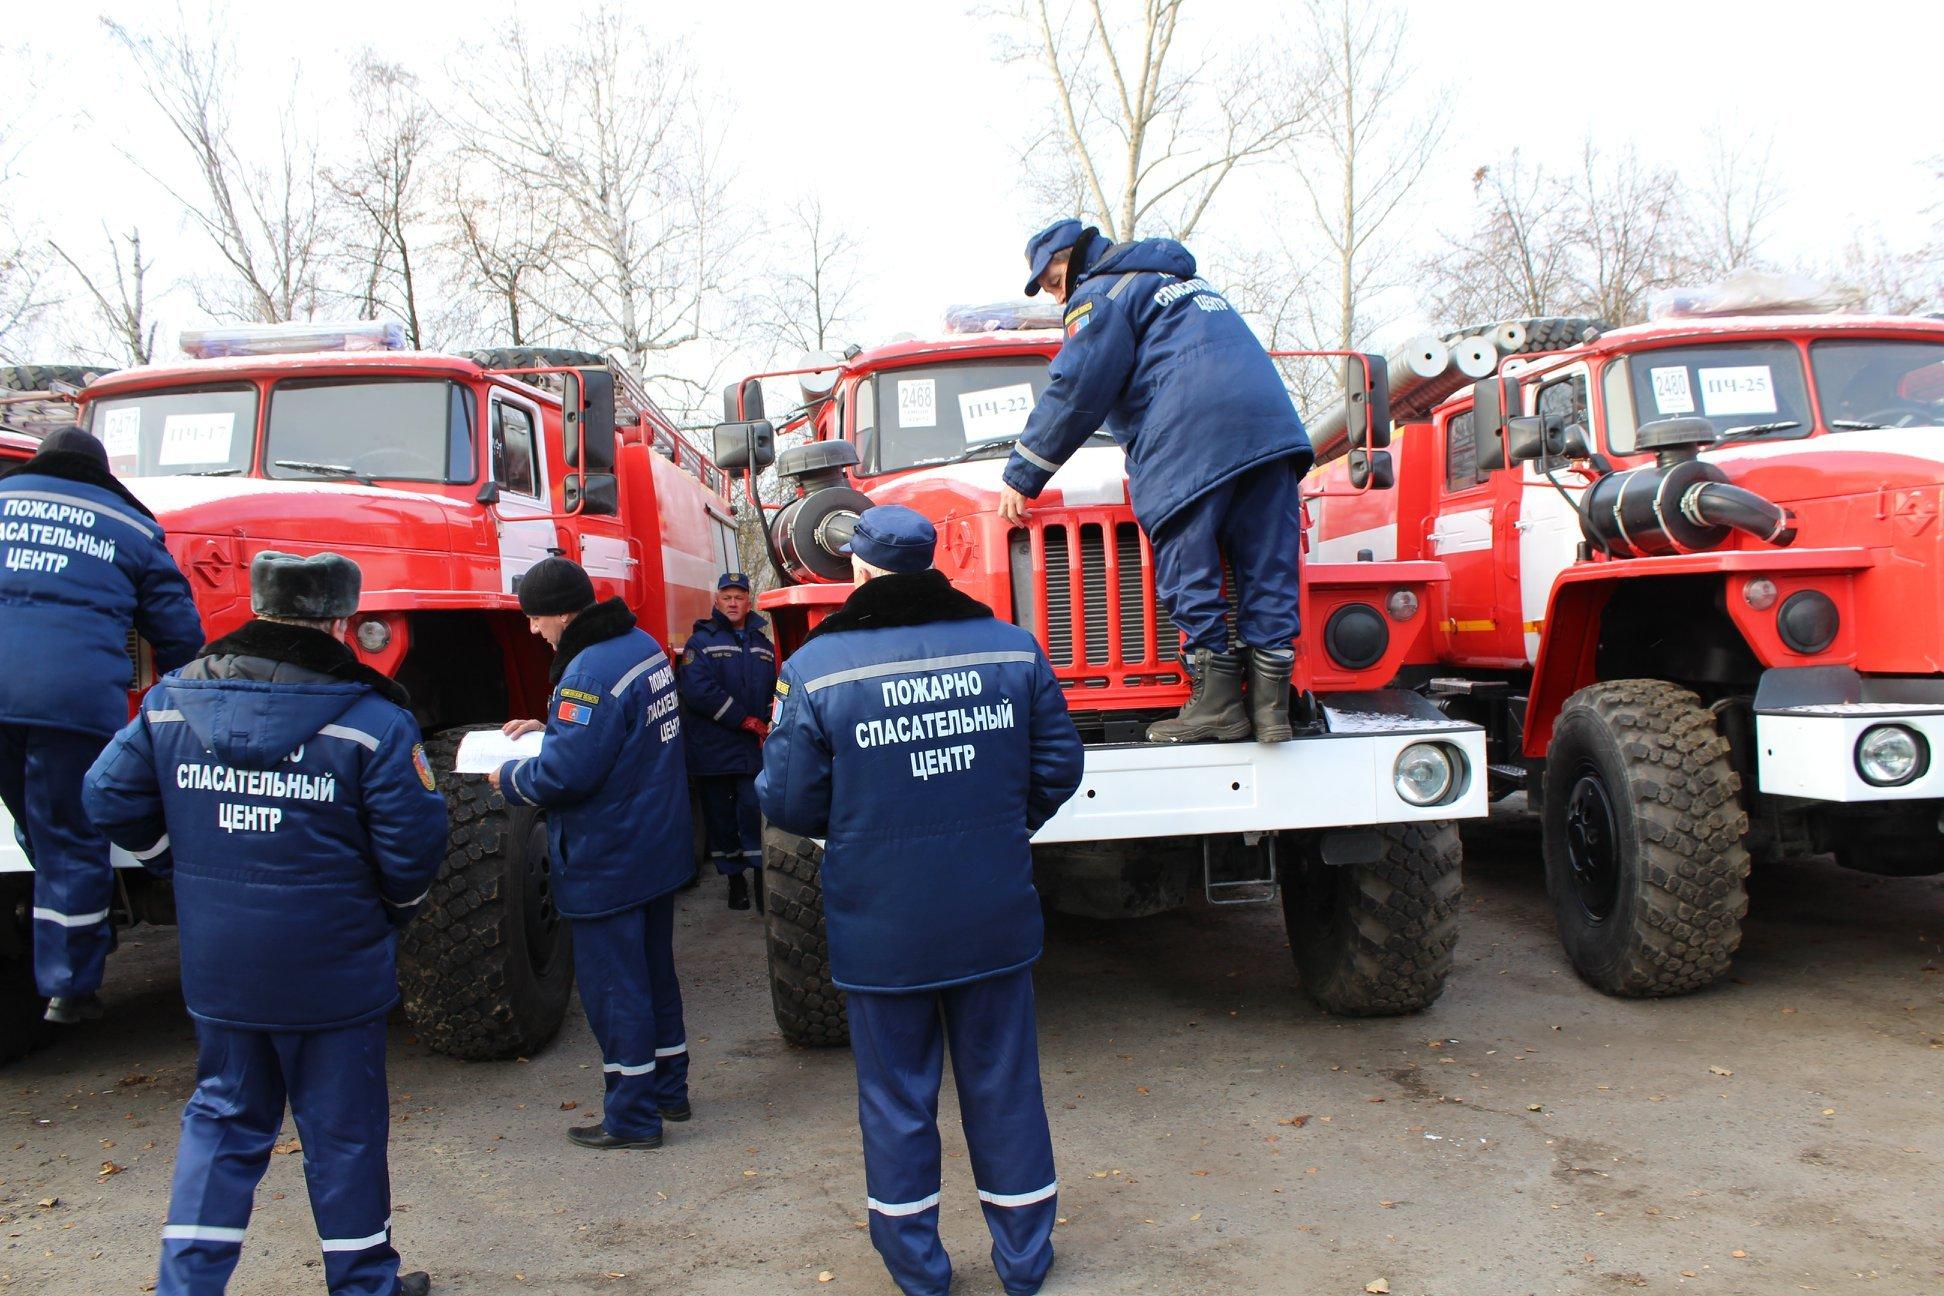 Автопарк пожарно-спасательного центра пополнился 15 новыми спецмашинами